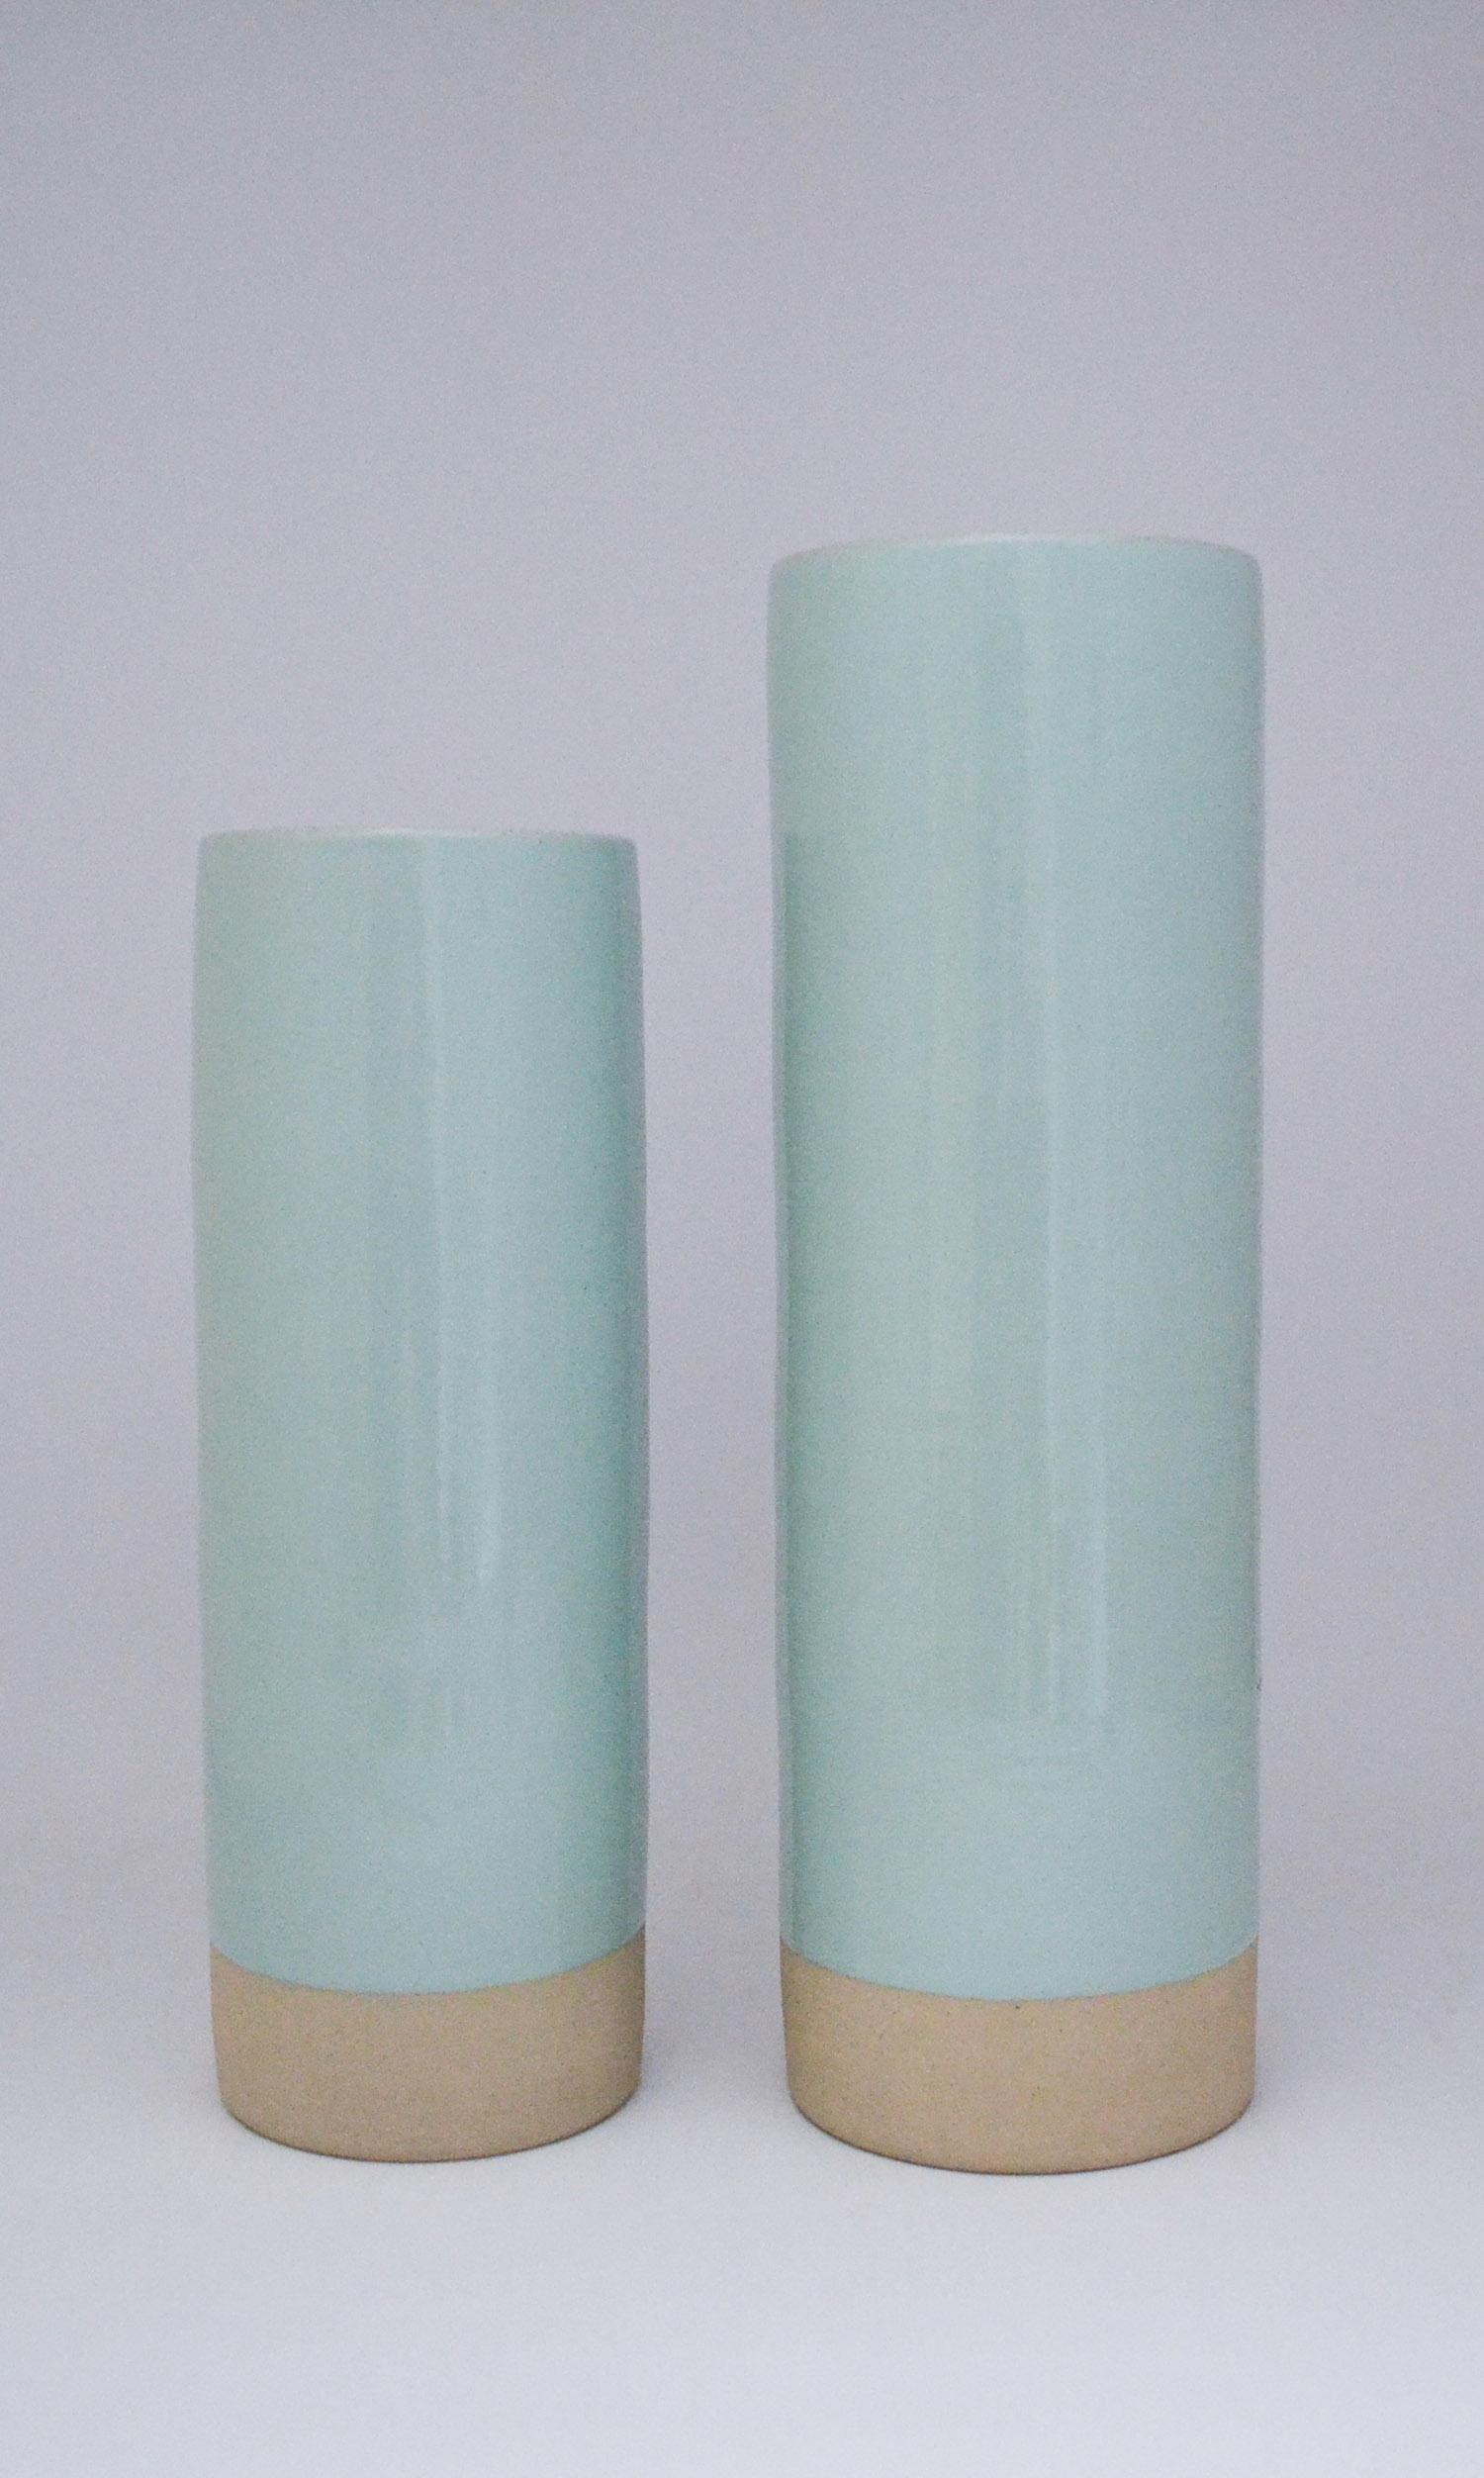 nous paris, vase cylindrique bleu céladon, les guimards